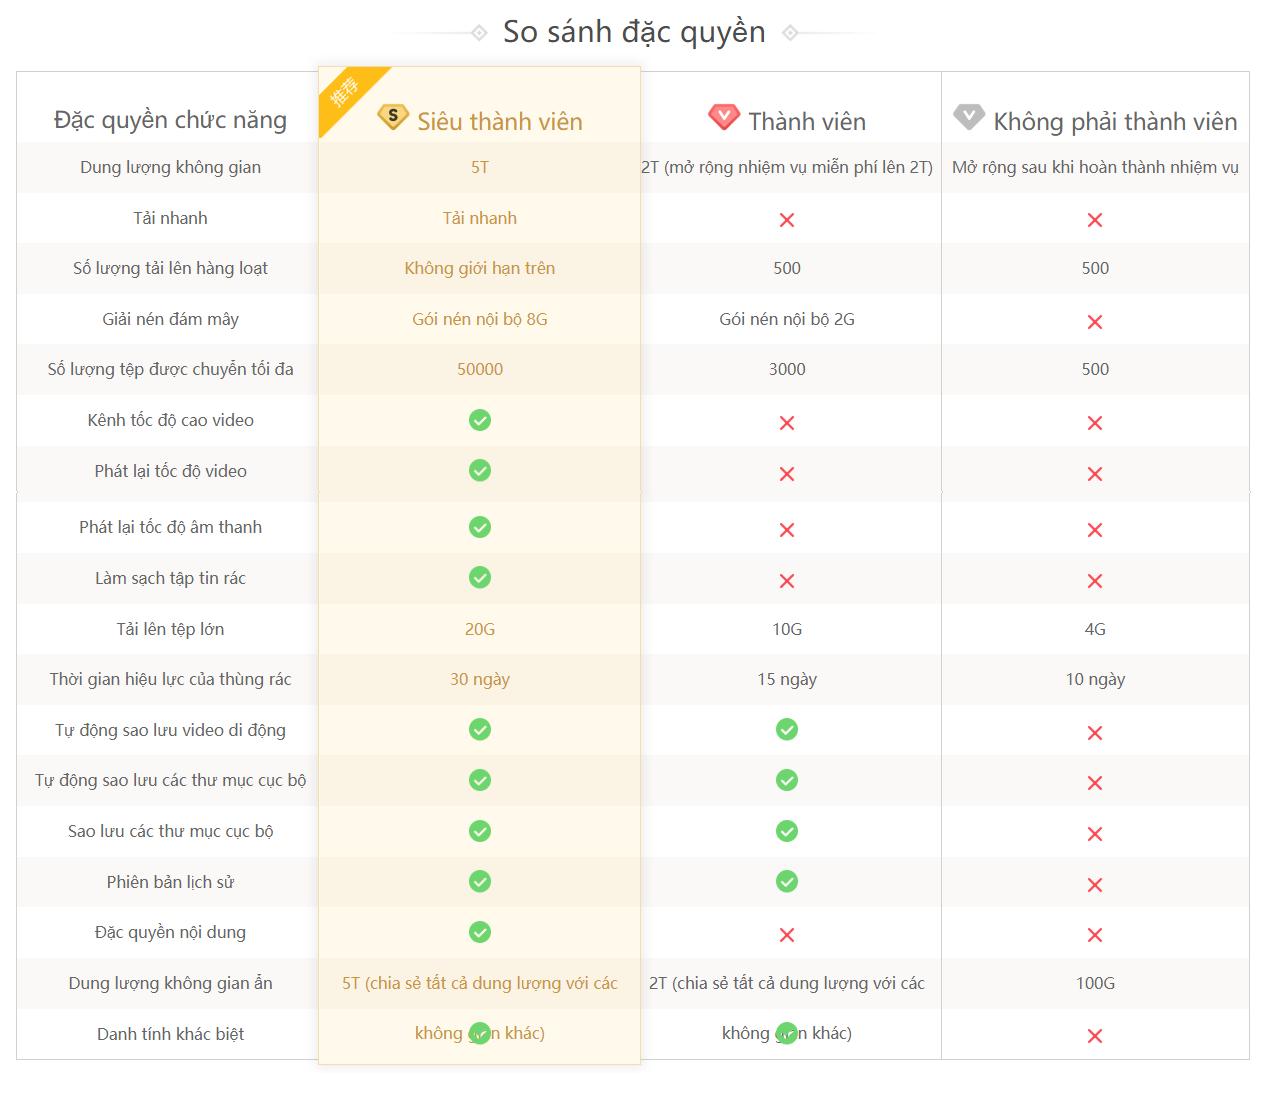 Bảng so sánh các gói thành viên Baidu Cloud 1